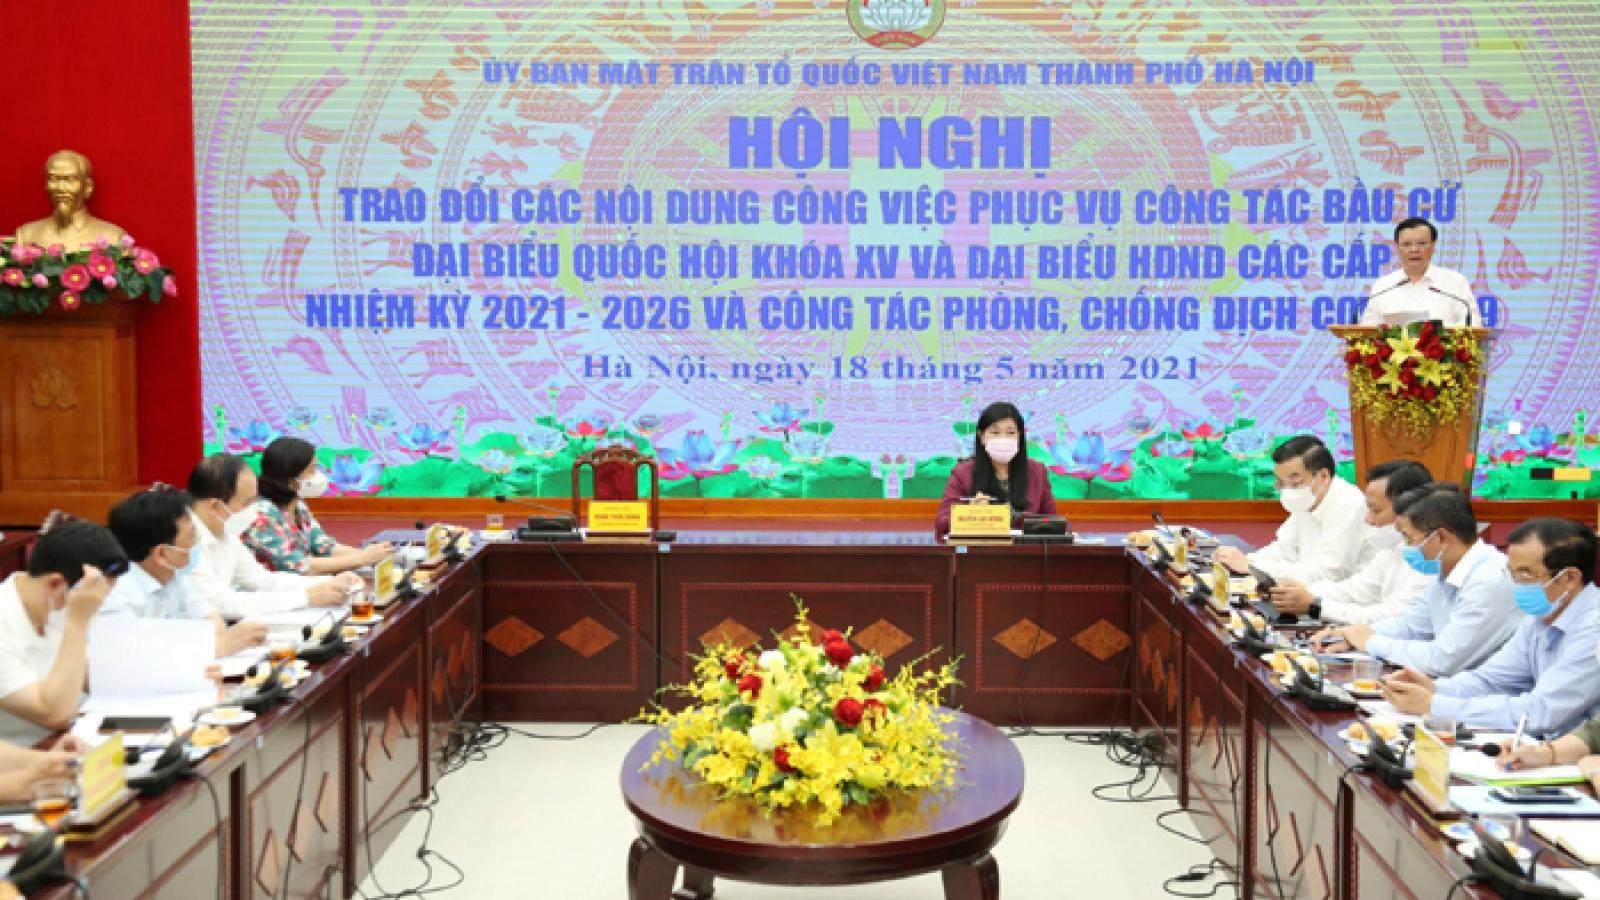 Bí thư Hà Nội: Trong mọi tình huống đều sẵn sàng tổ chức thành công bầu cử